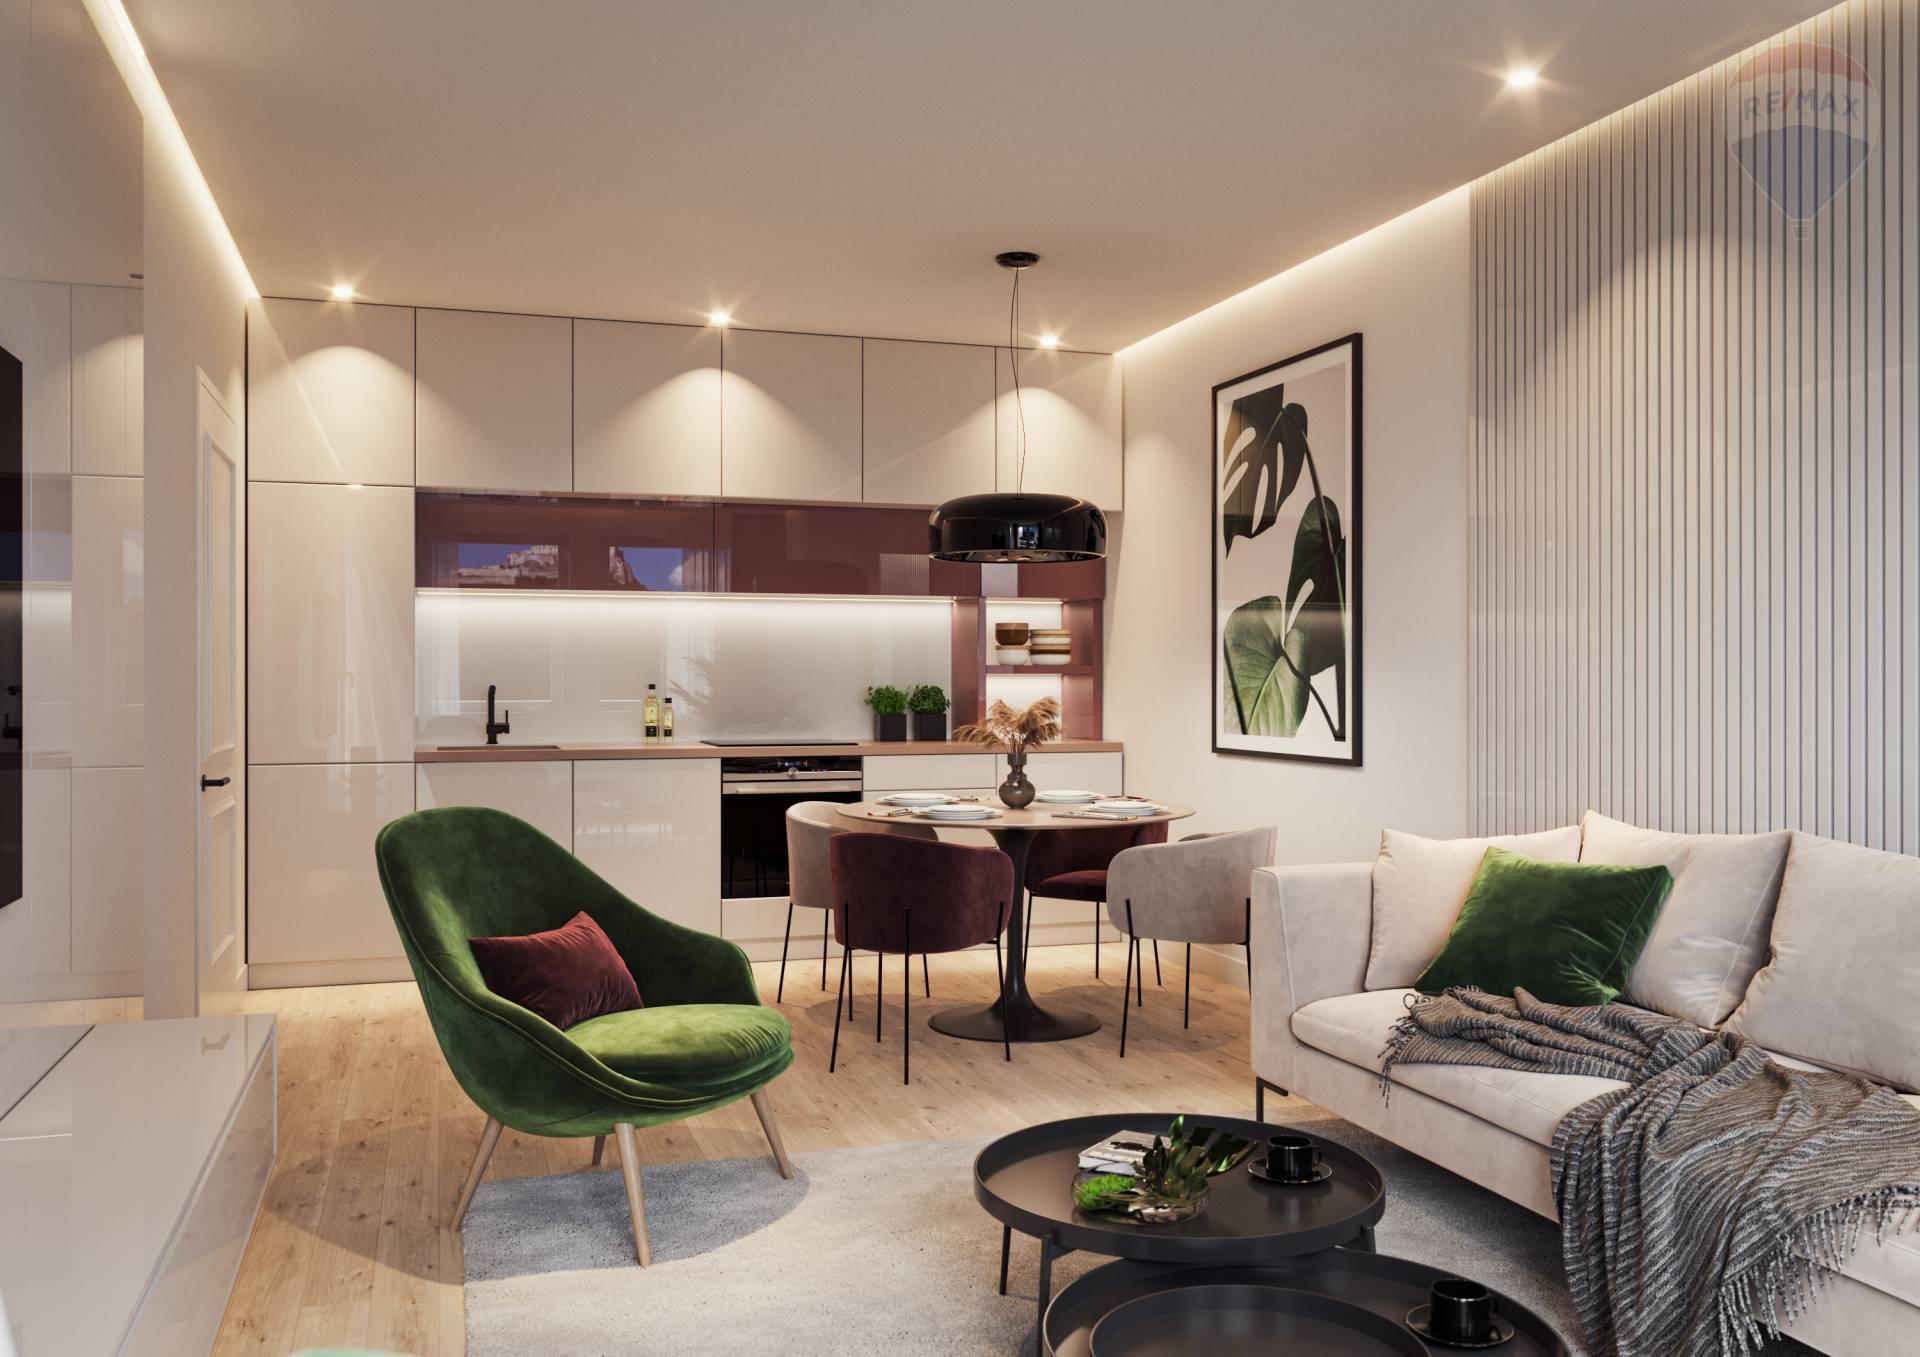 3 izbový byt na predaj, novostavba, projekt Rezidencia Pod Hradom